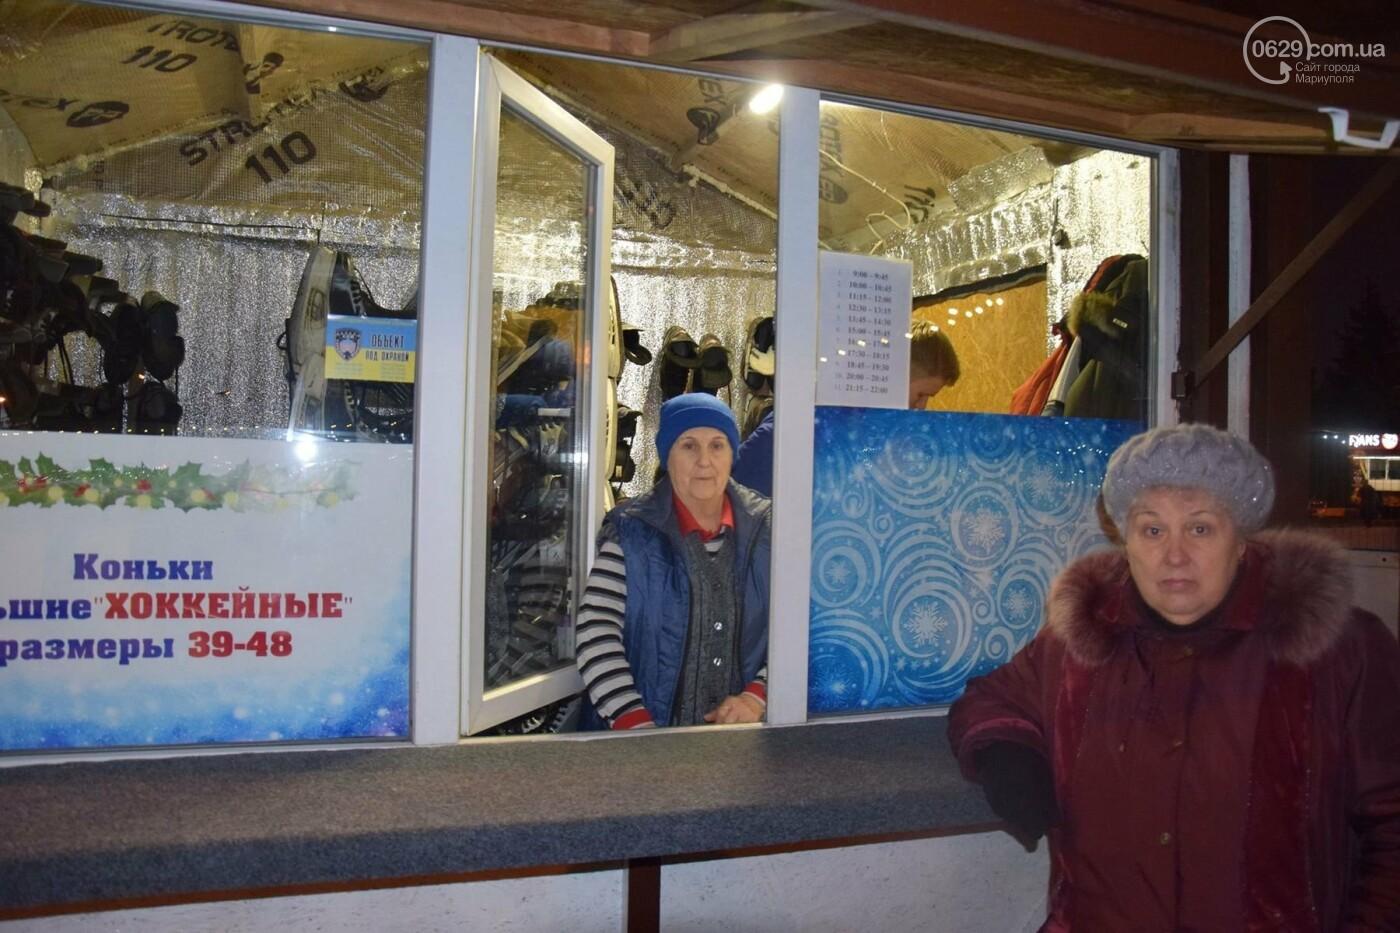 Открытие ледовой арены. Стоимость катания на городском  катке в  Мариуполе увеличилась вдвое  - ФОТО, ВИДЕО, фото-8